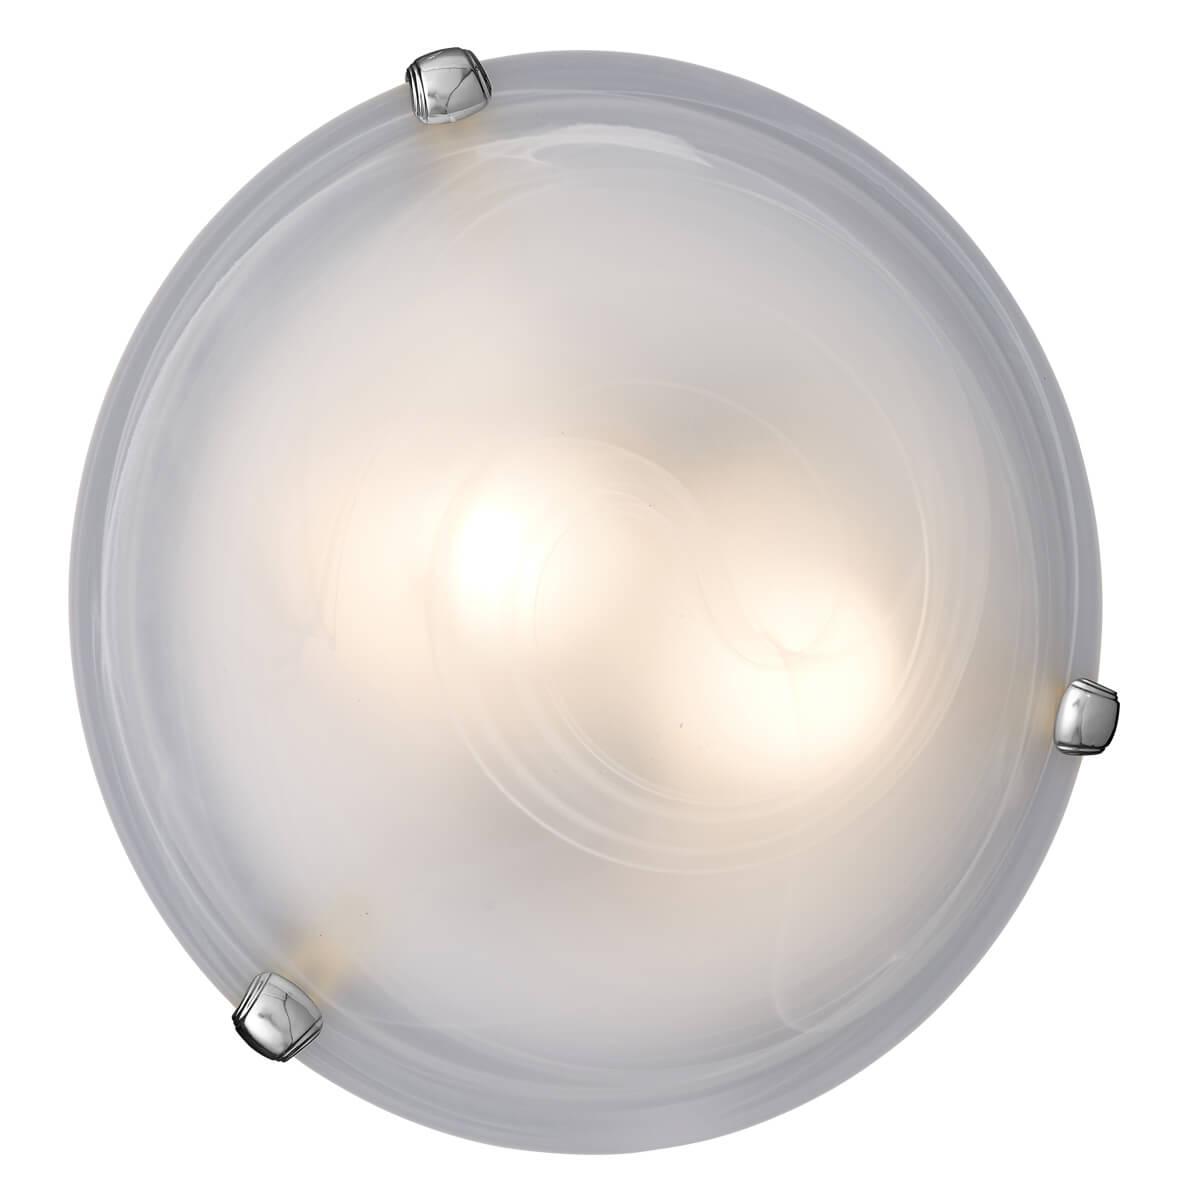 Потолочный светильник Sonex Duna 253 хром потолочный светильник sonex duna 353 хром